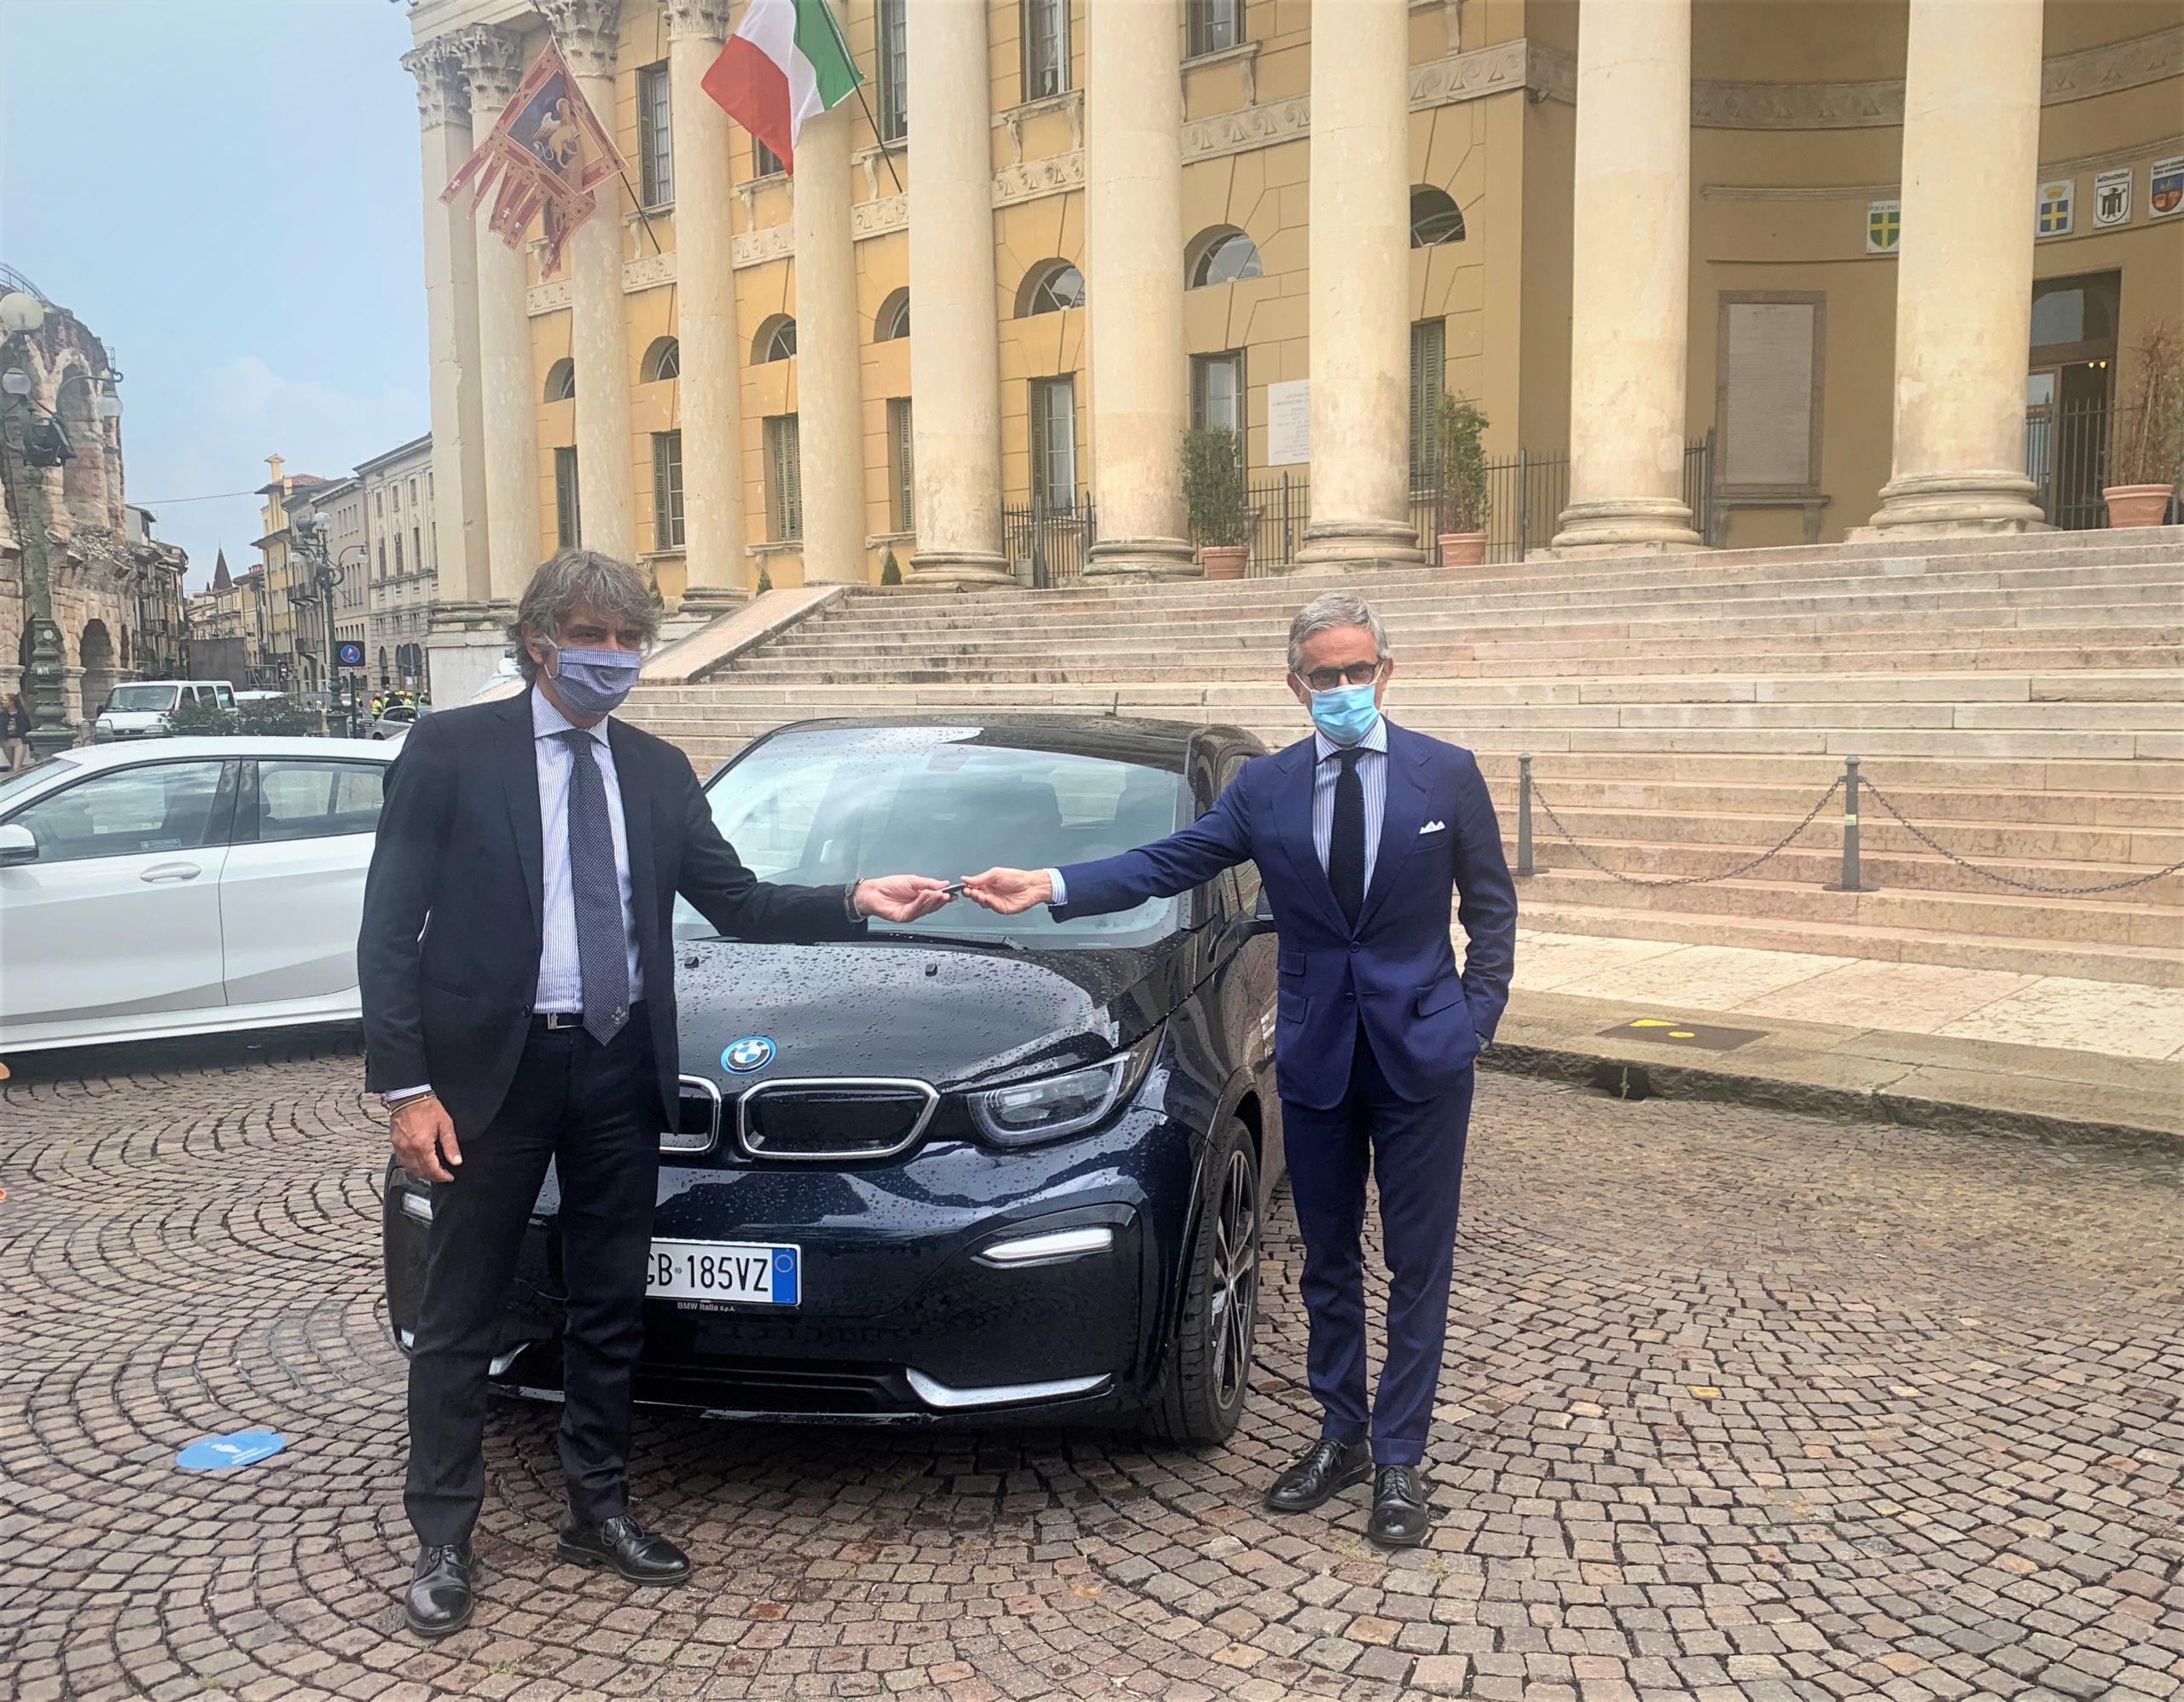 BMW Italia al fianco del Comune di Verona per la mobilità sostenibile